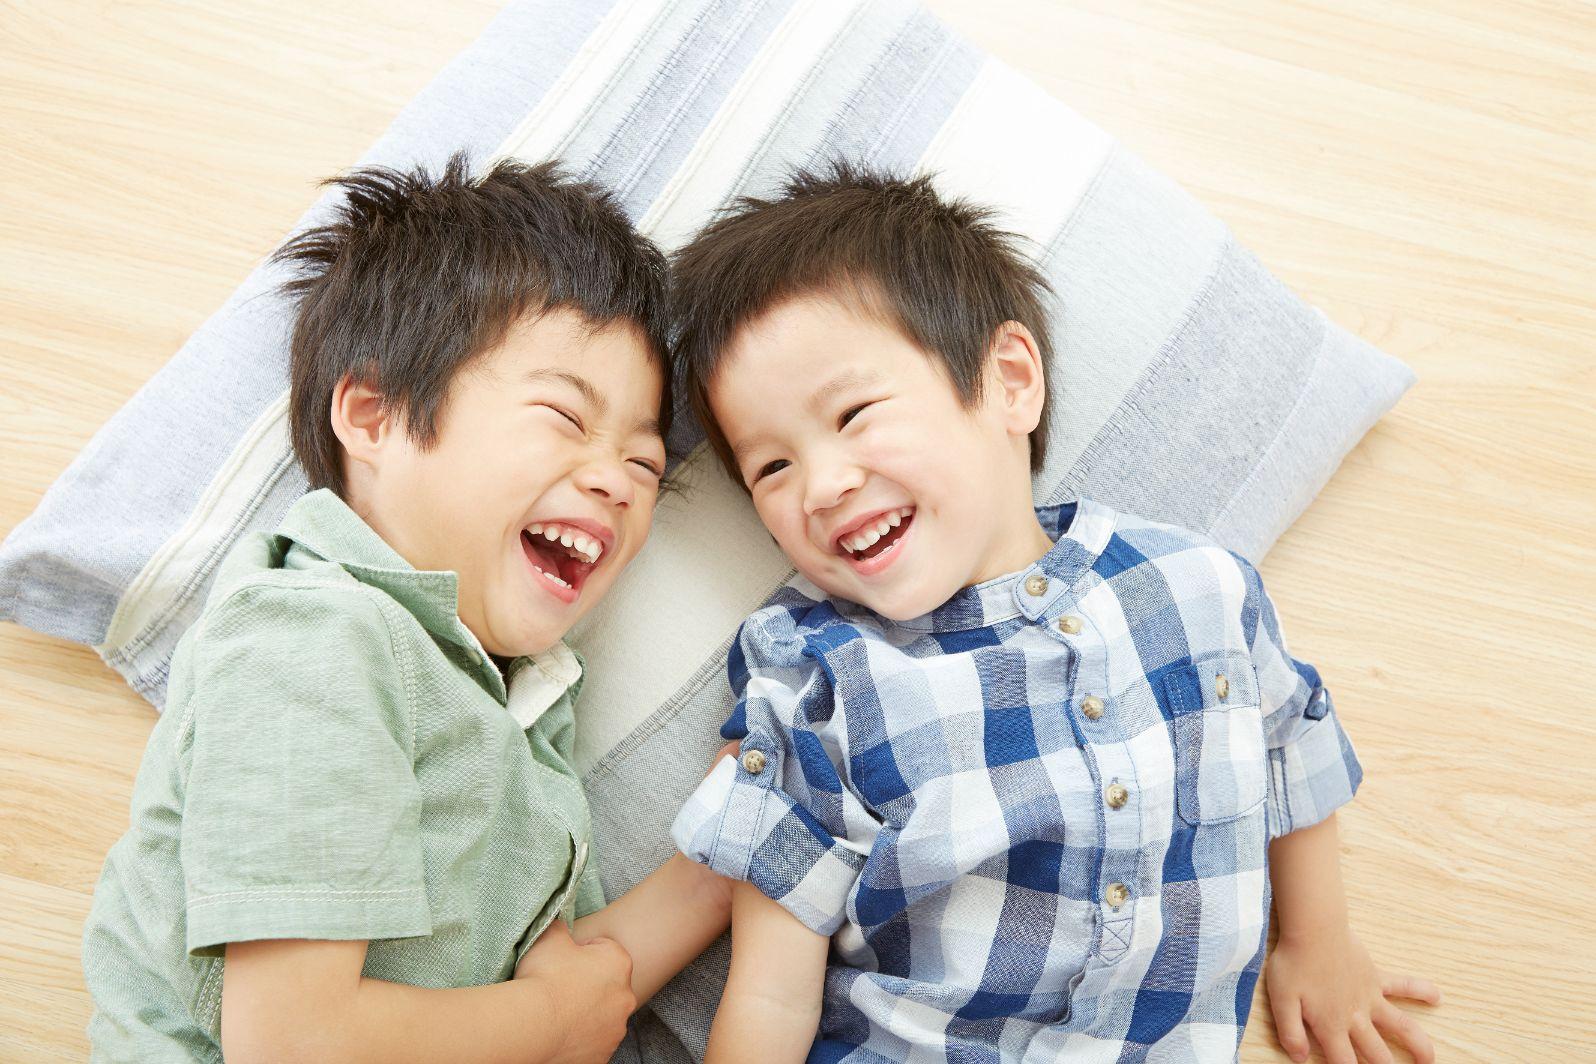 子供の歯列矯正ガイド|開始時期と費用のまとめ